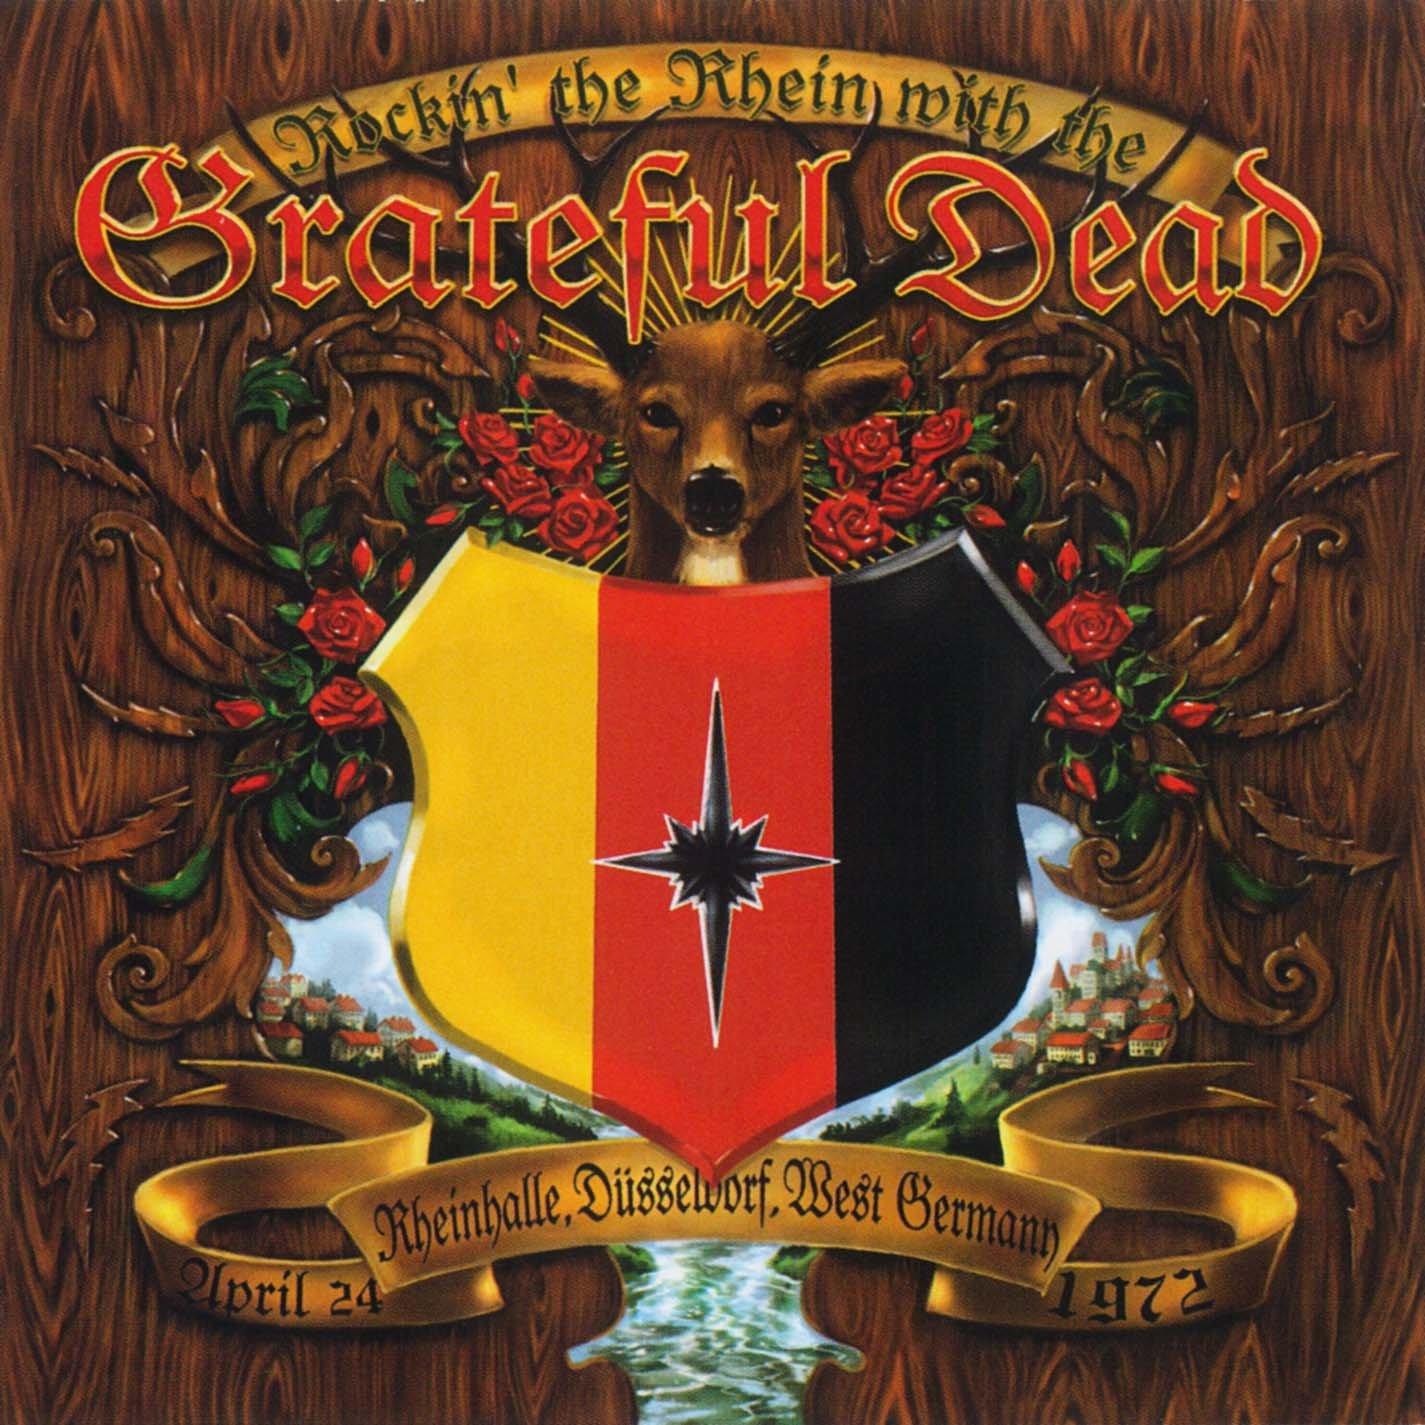 Rockin the Rhein with the Grateful Dead